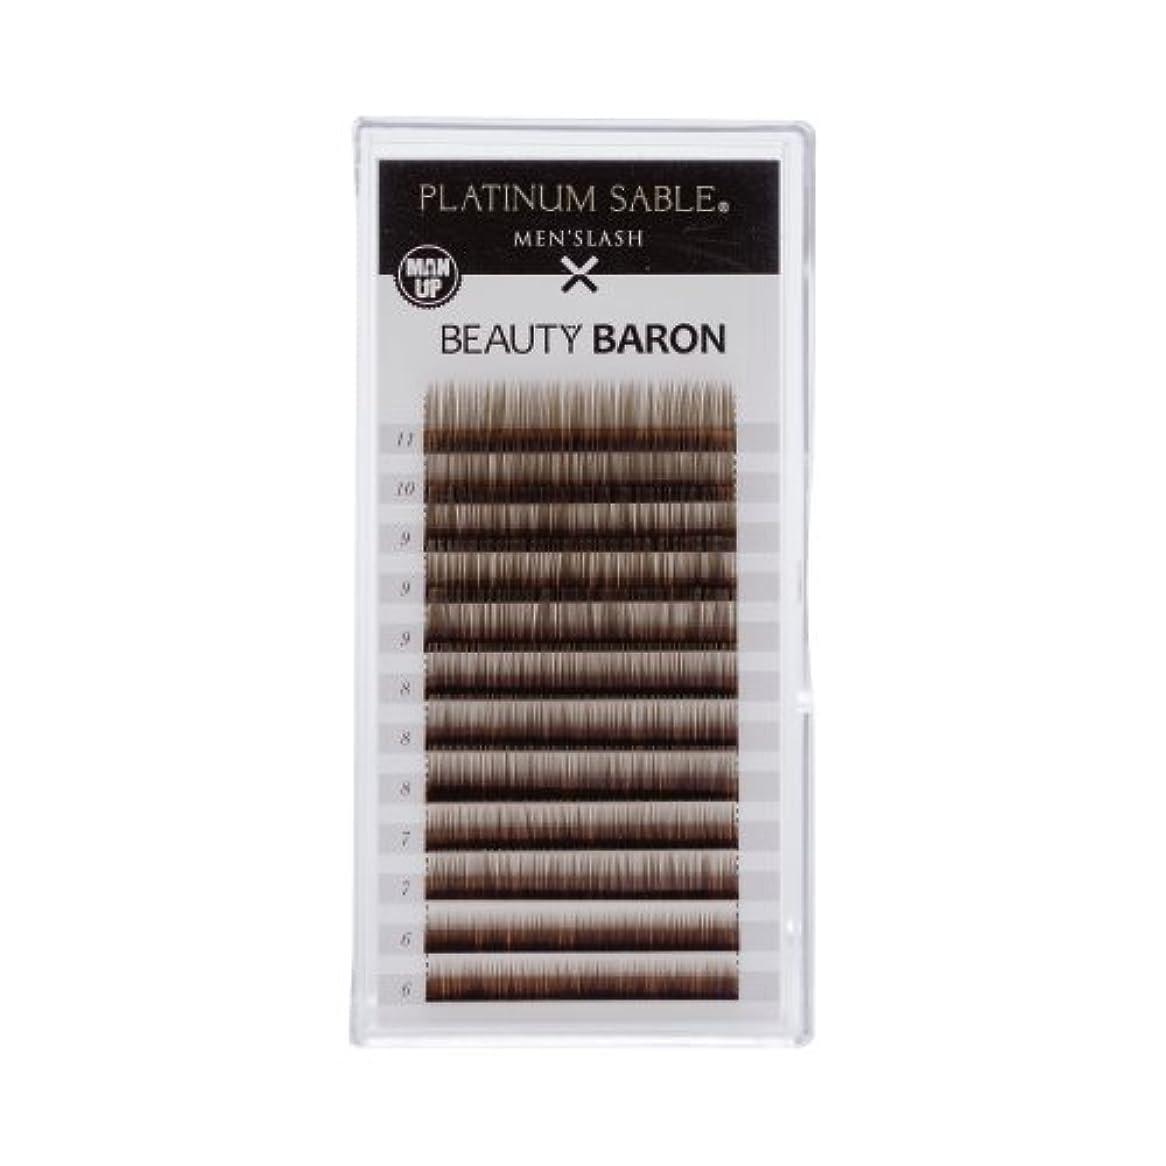 プラチナセーブル メンズラッシュ 0.15mm Iカール 6-11MIX ブラックブラウン